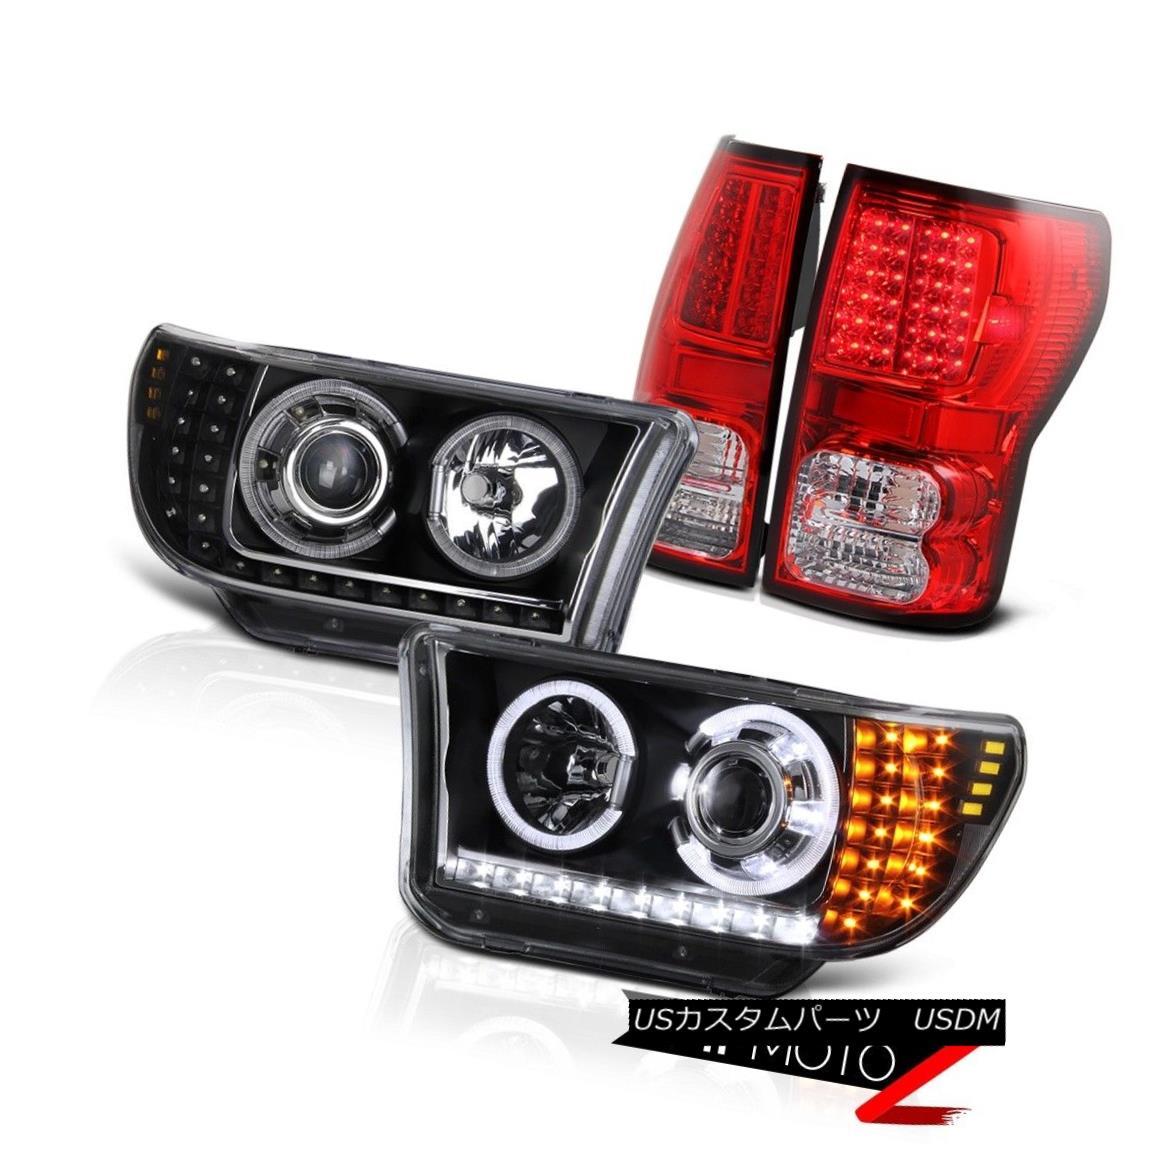 テールライト 07-2013 Tundra LED+HALO Black Projector Headlight+Smoke L+R Led Tail Light Lamp 07-2013 Tundra LED + HALOブラックプロジェクターヘッドライト+スモーク e L + Rテールライトランプ